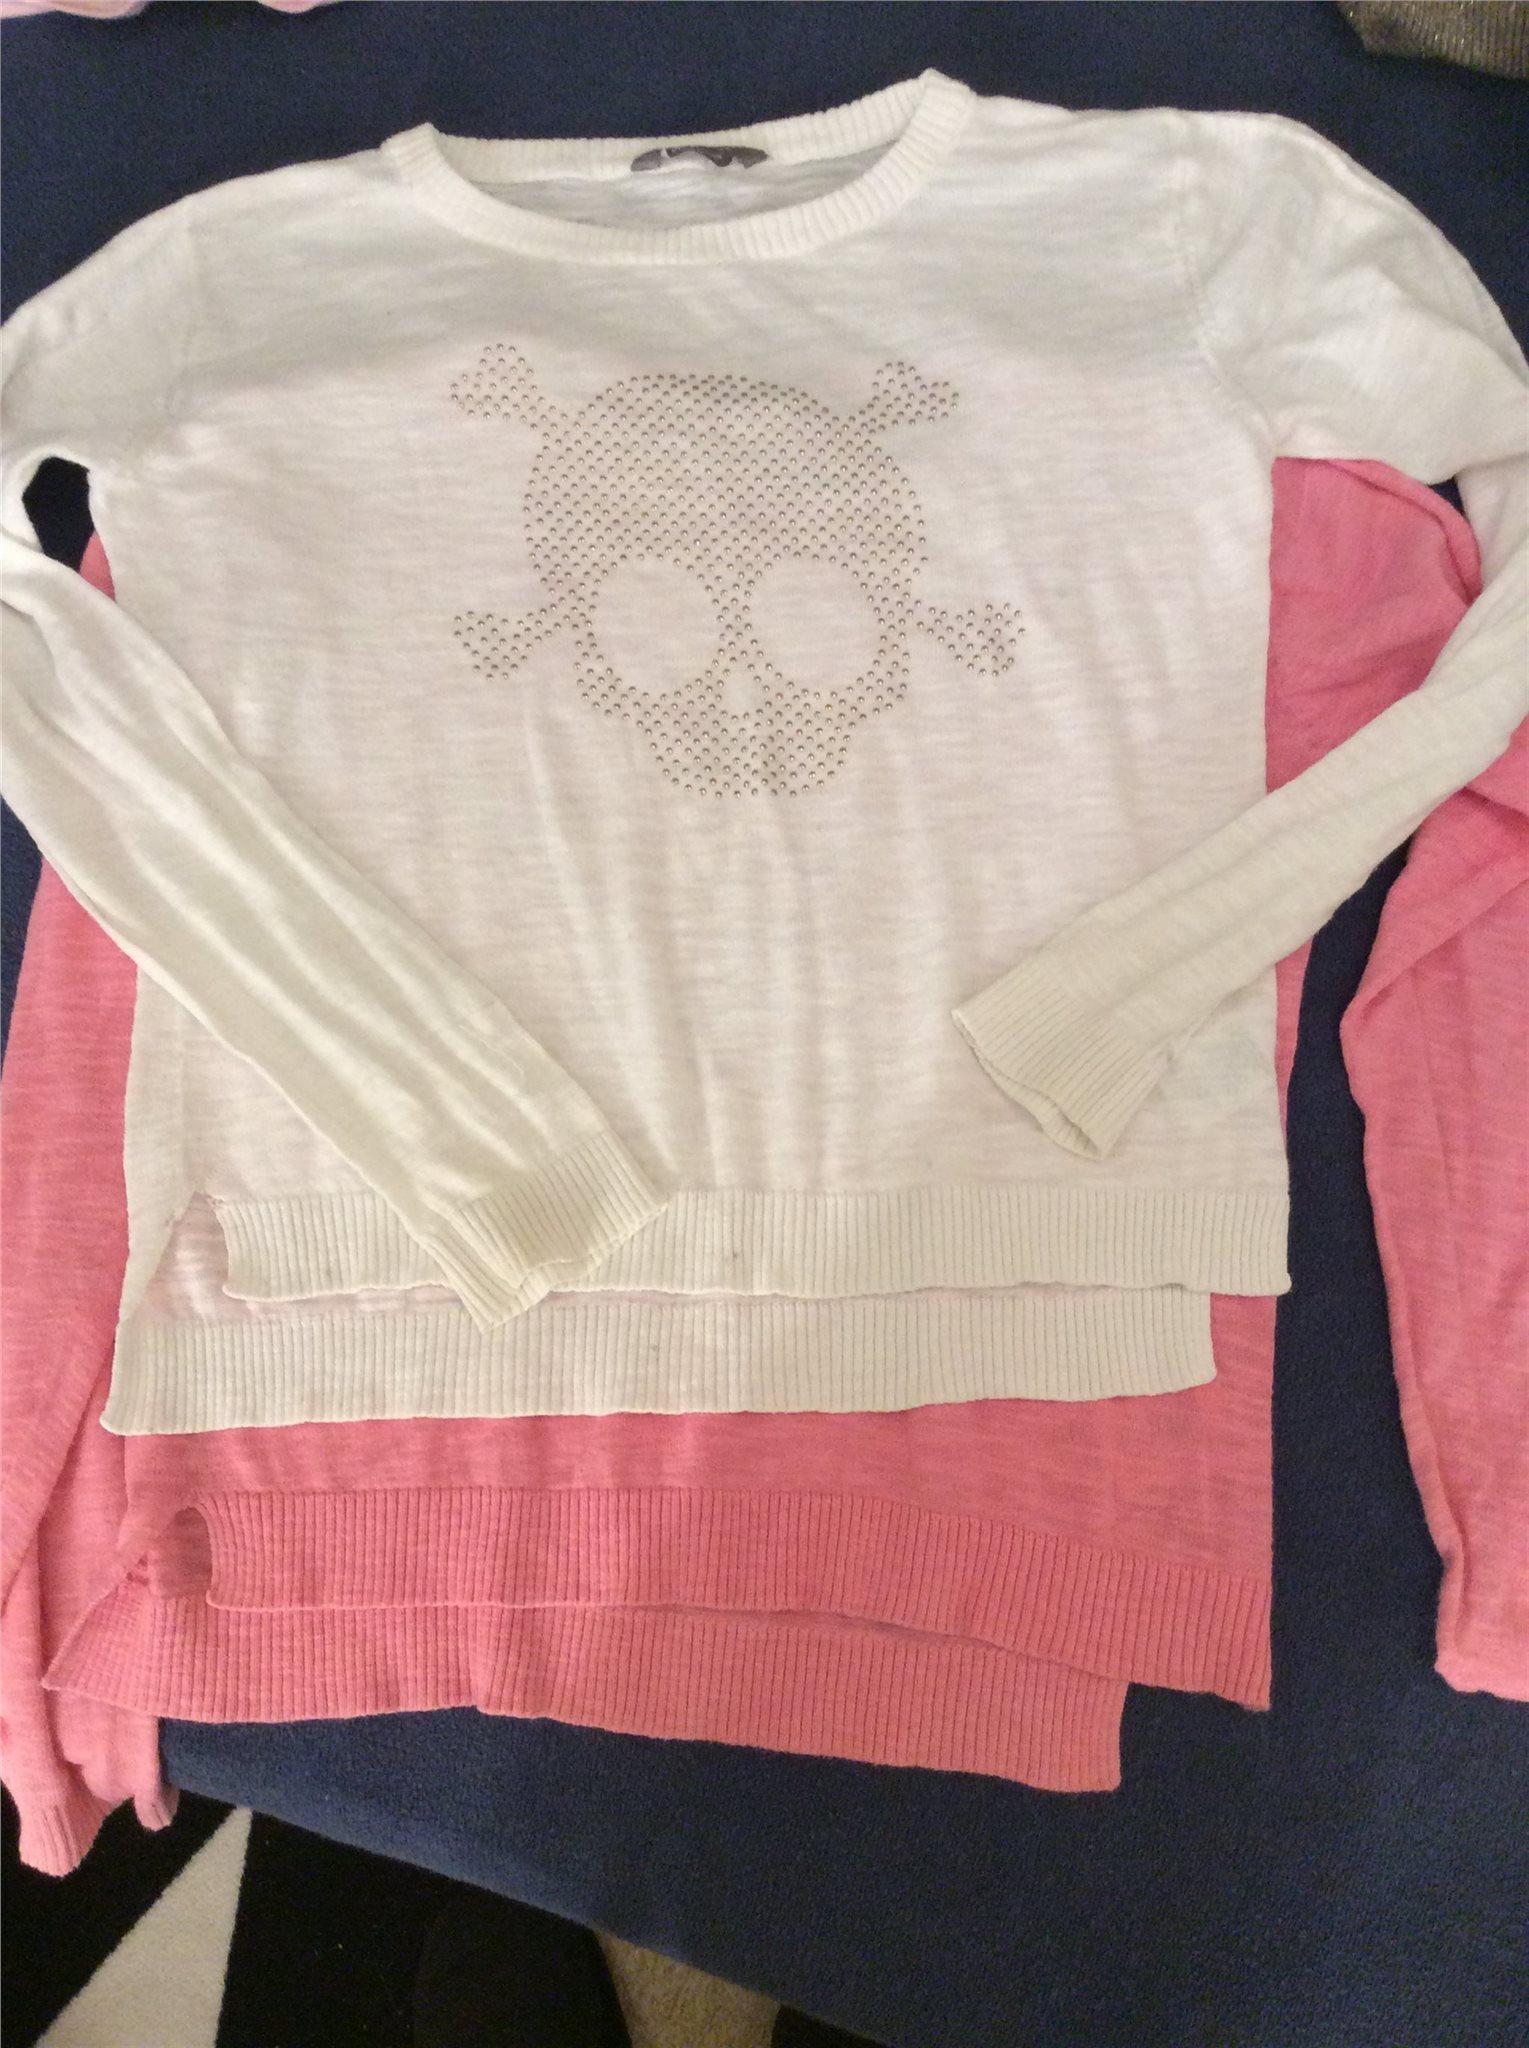 Snygga billiga tröjor